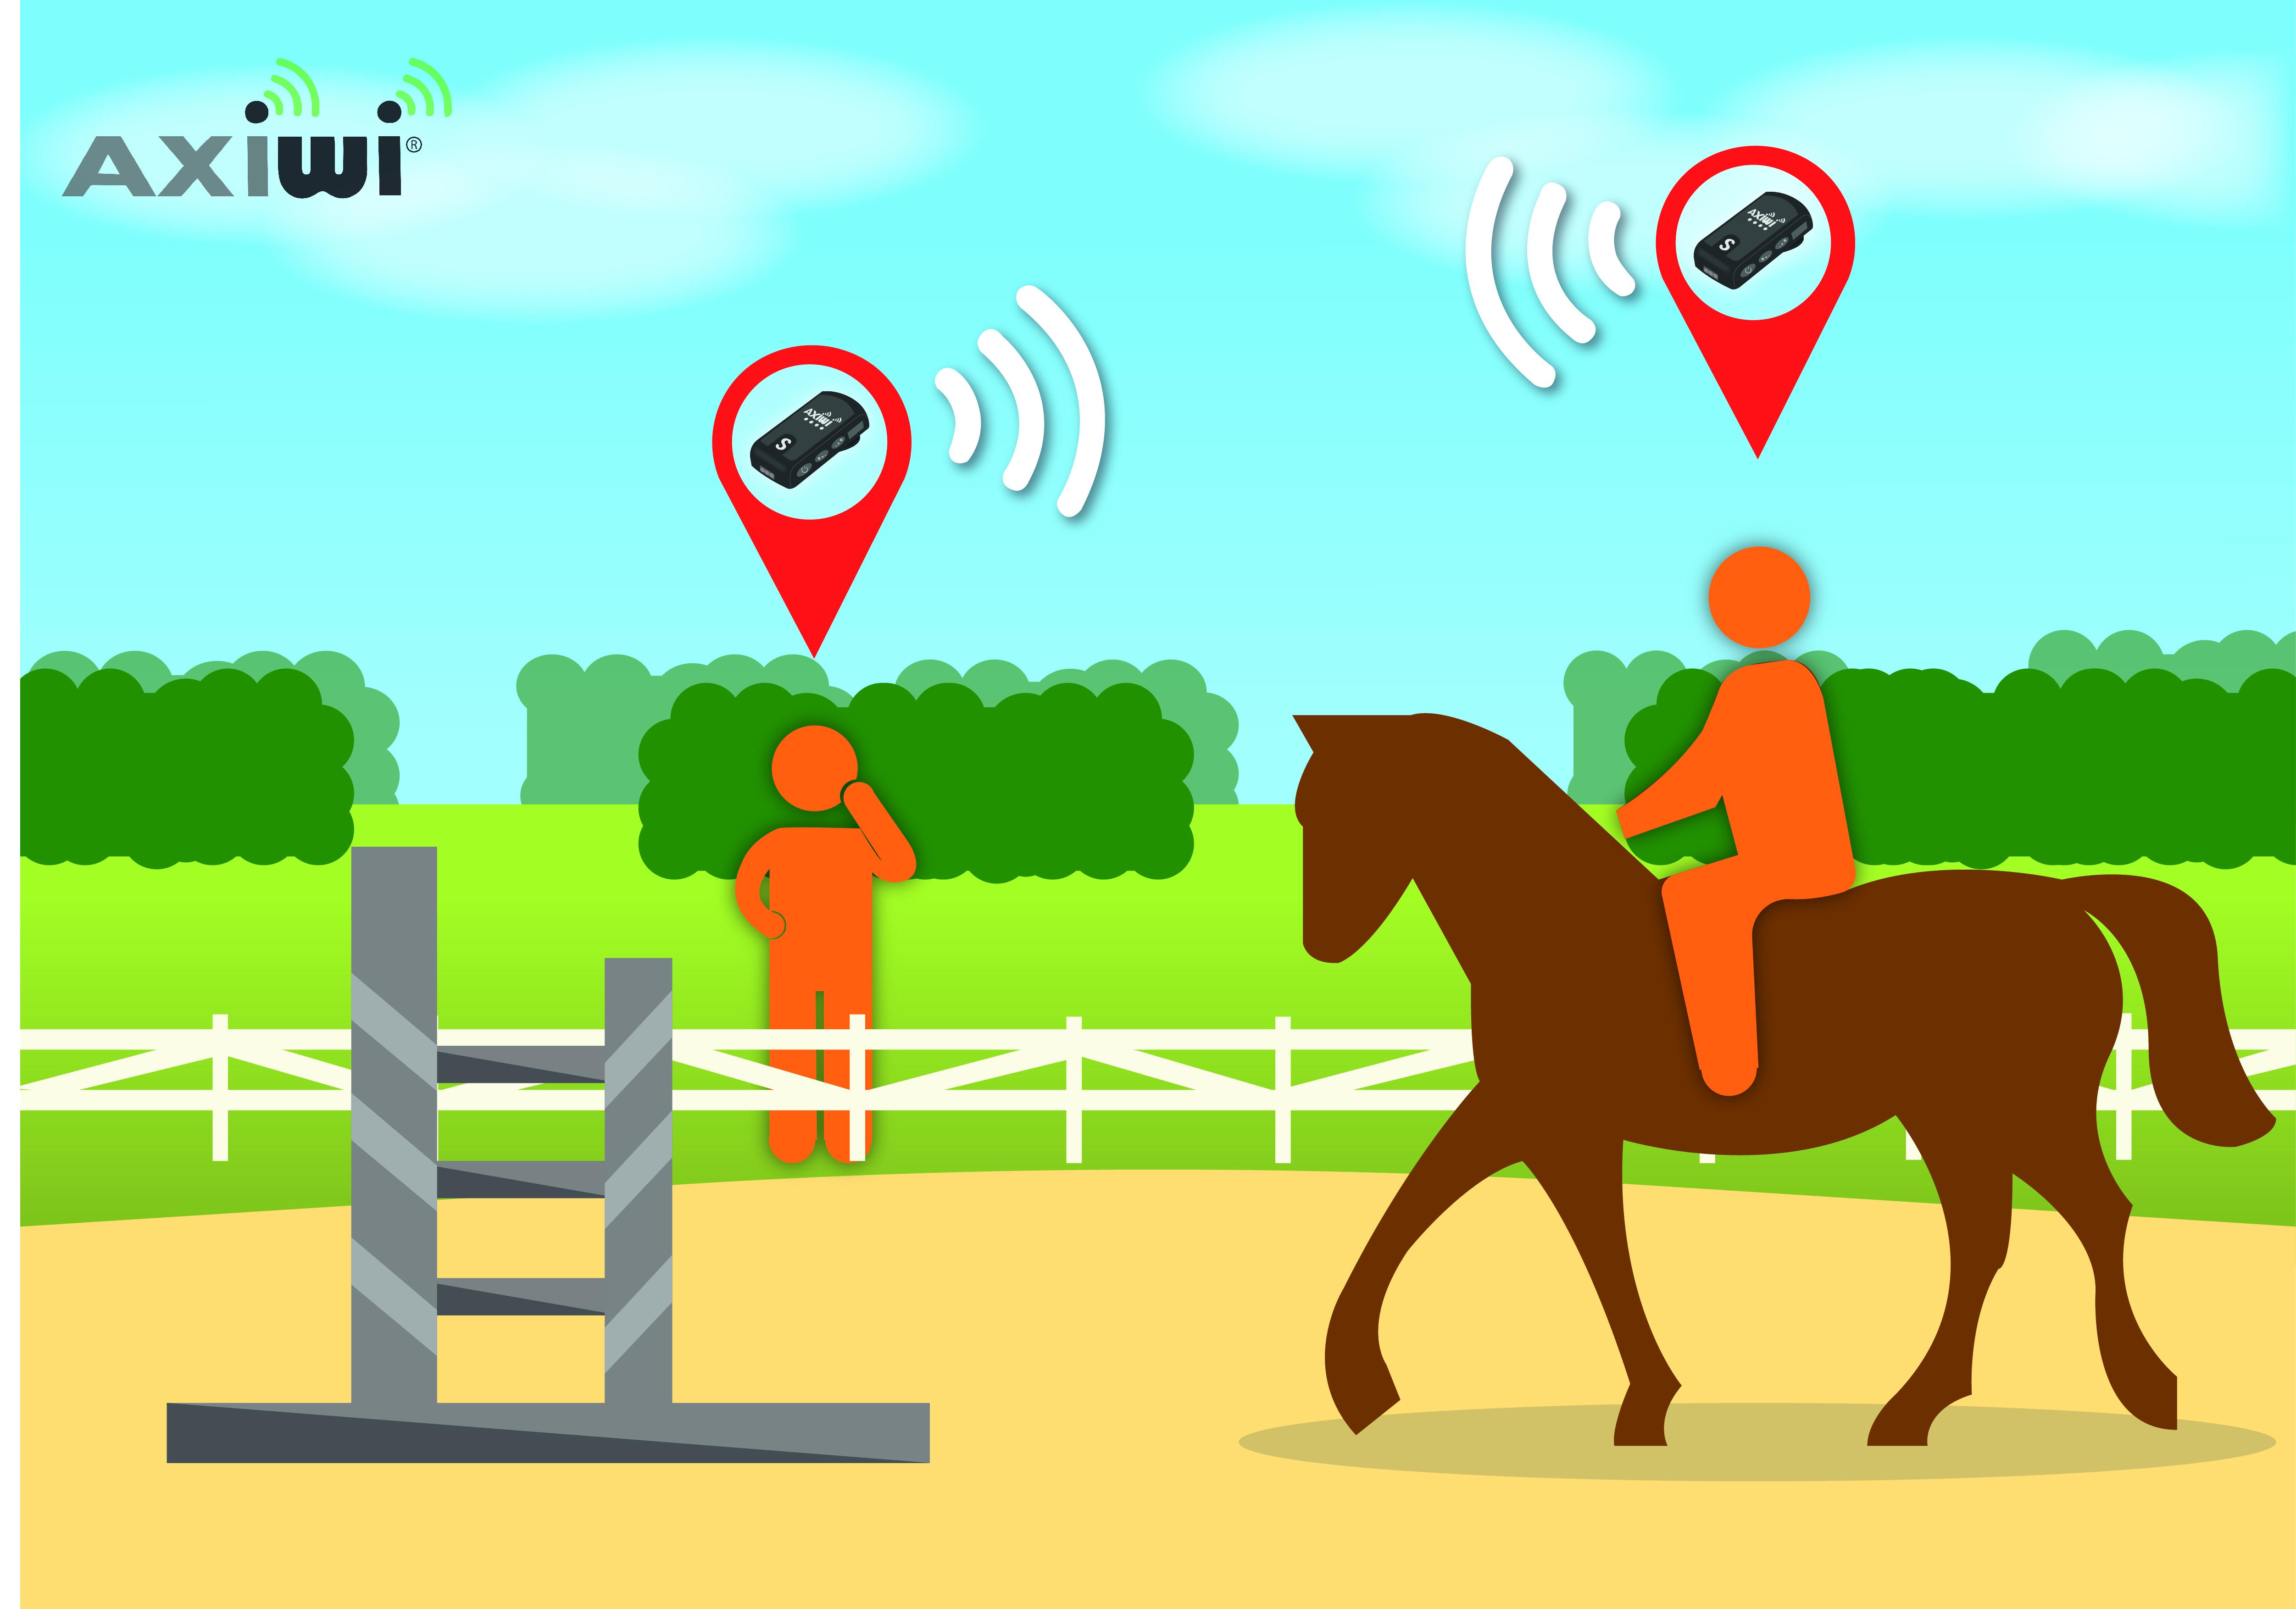 axiwi- Bezprzewodowy system komunikacyjny dupleks -jazda konna